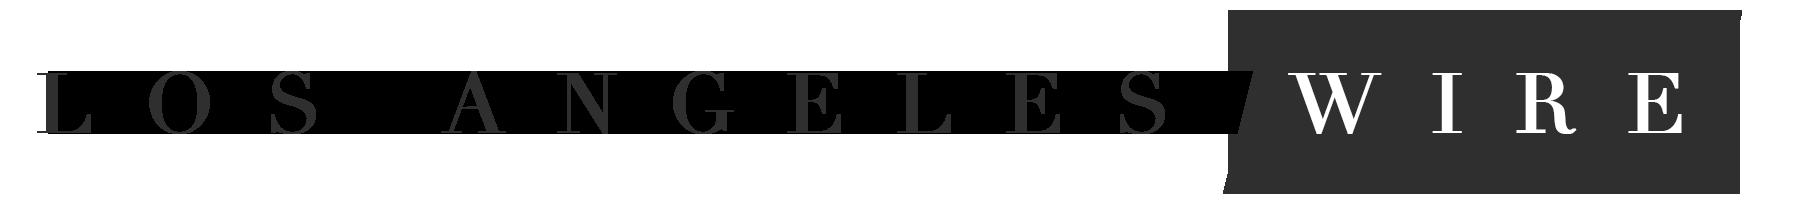 la_wire_logo